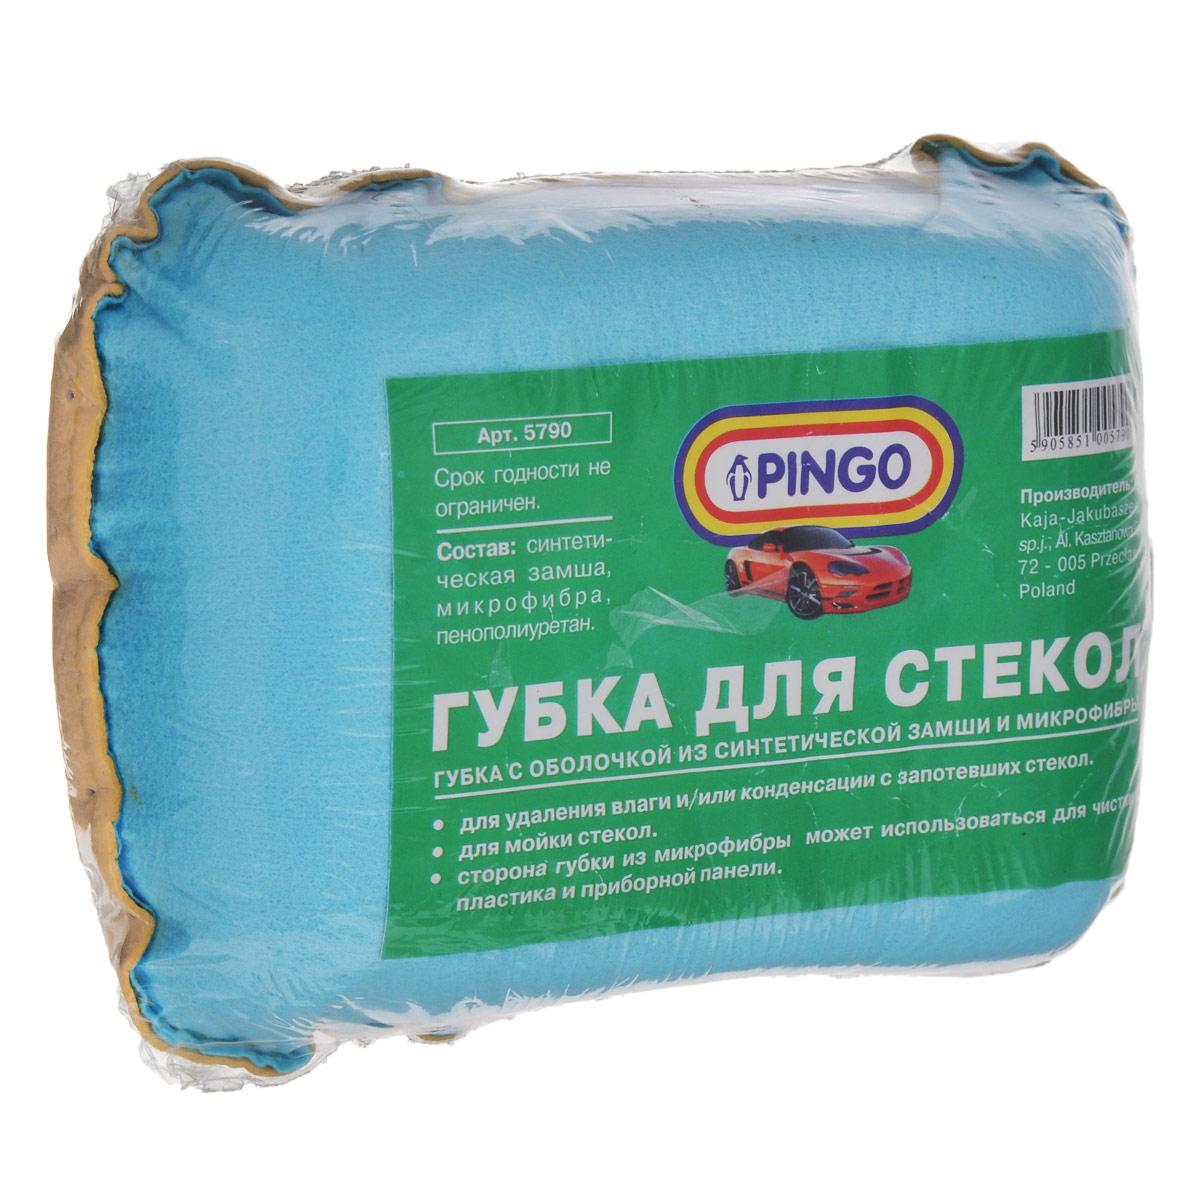 Губка для стекол Pingo, цвет: голубой, желтый5790_голубой, желтыйГубка для стекол Pingo изготовлена из пенополиуретана с оболочкой из синтетической замши и микрофибры. Губка предназначена для удаления влаги или конденсации с запотевших стекол, для мойки стекол. Сторона губки из микрофибры может использоваться для чистки пластика и приборной панели.